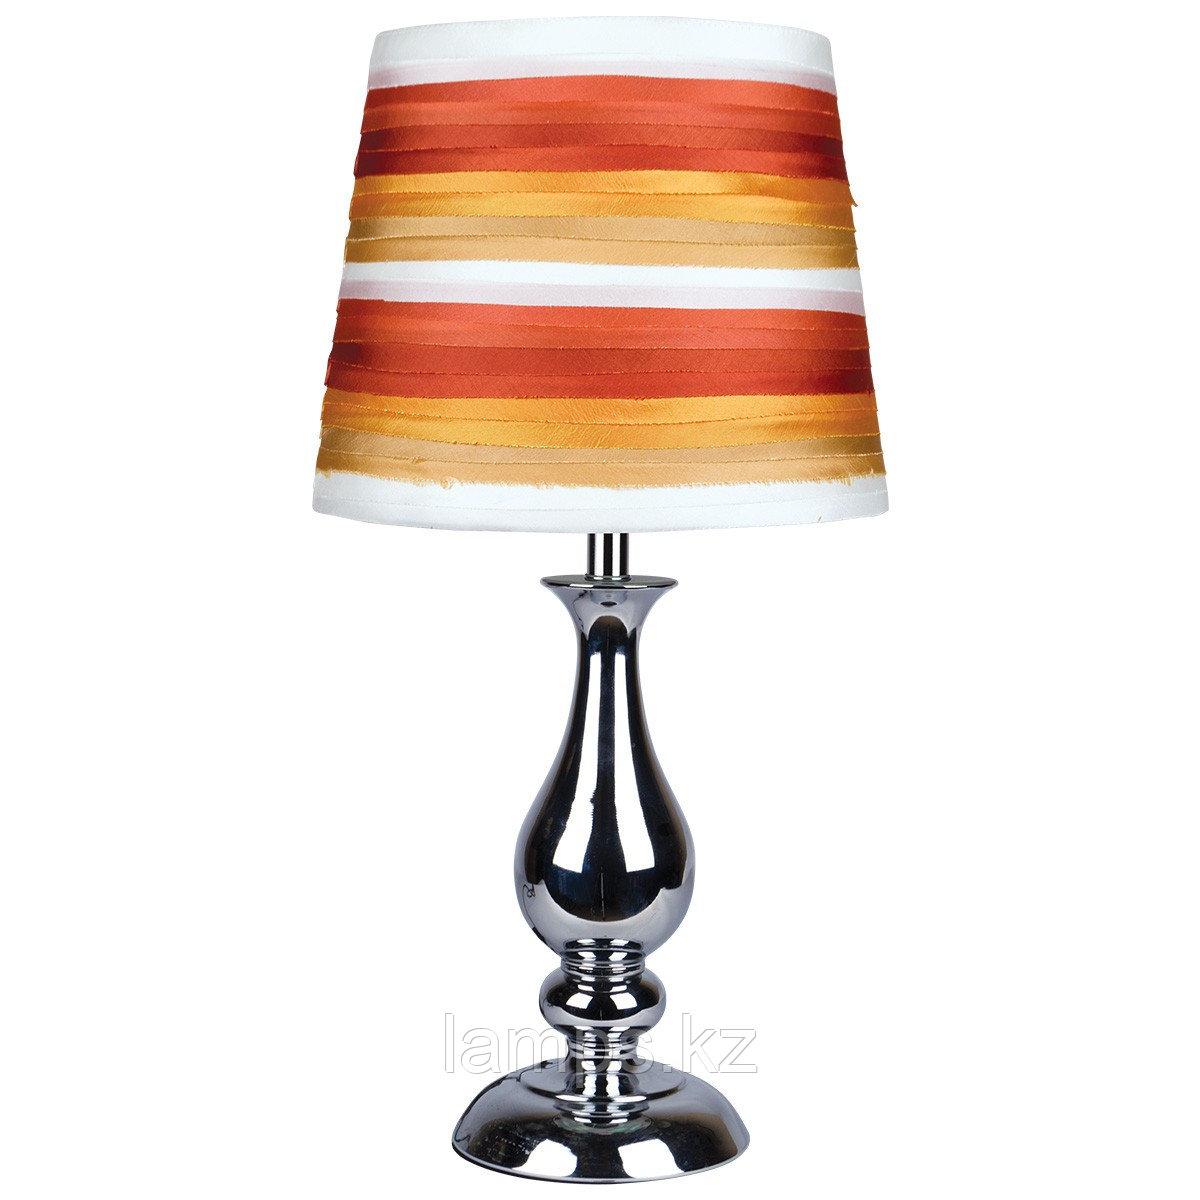 Настольная лампа T0024 SATIN FABRIC Red